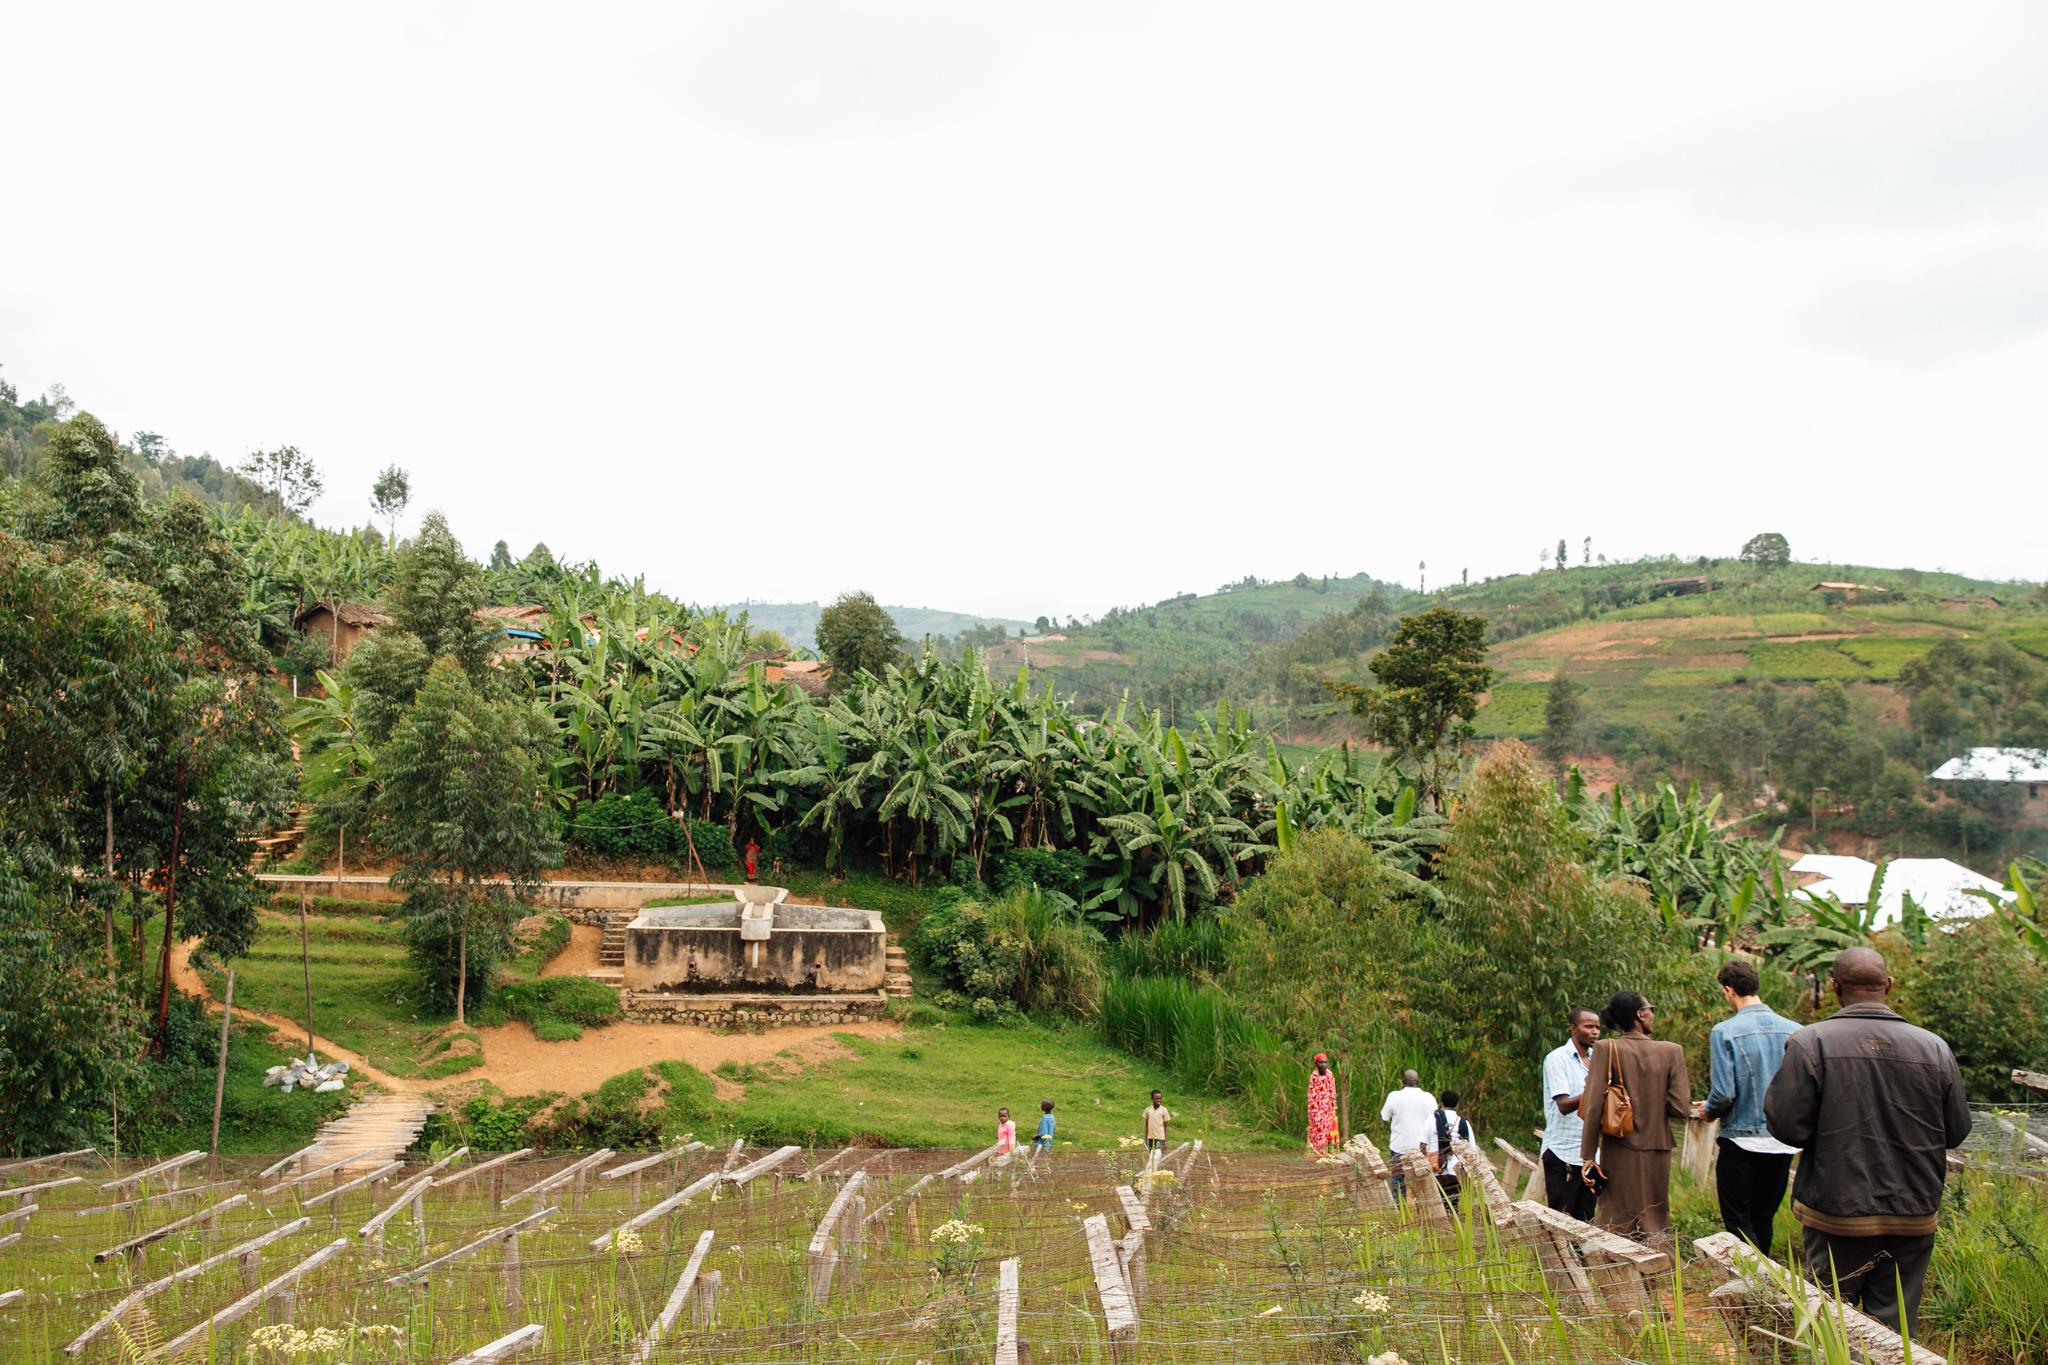 KINYOVU WASHING STATION, burundi